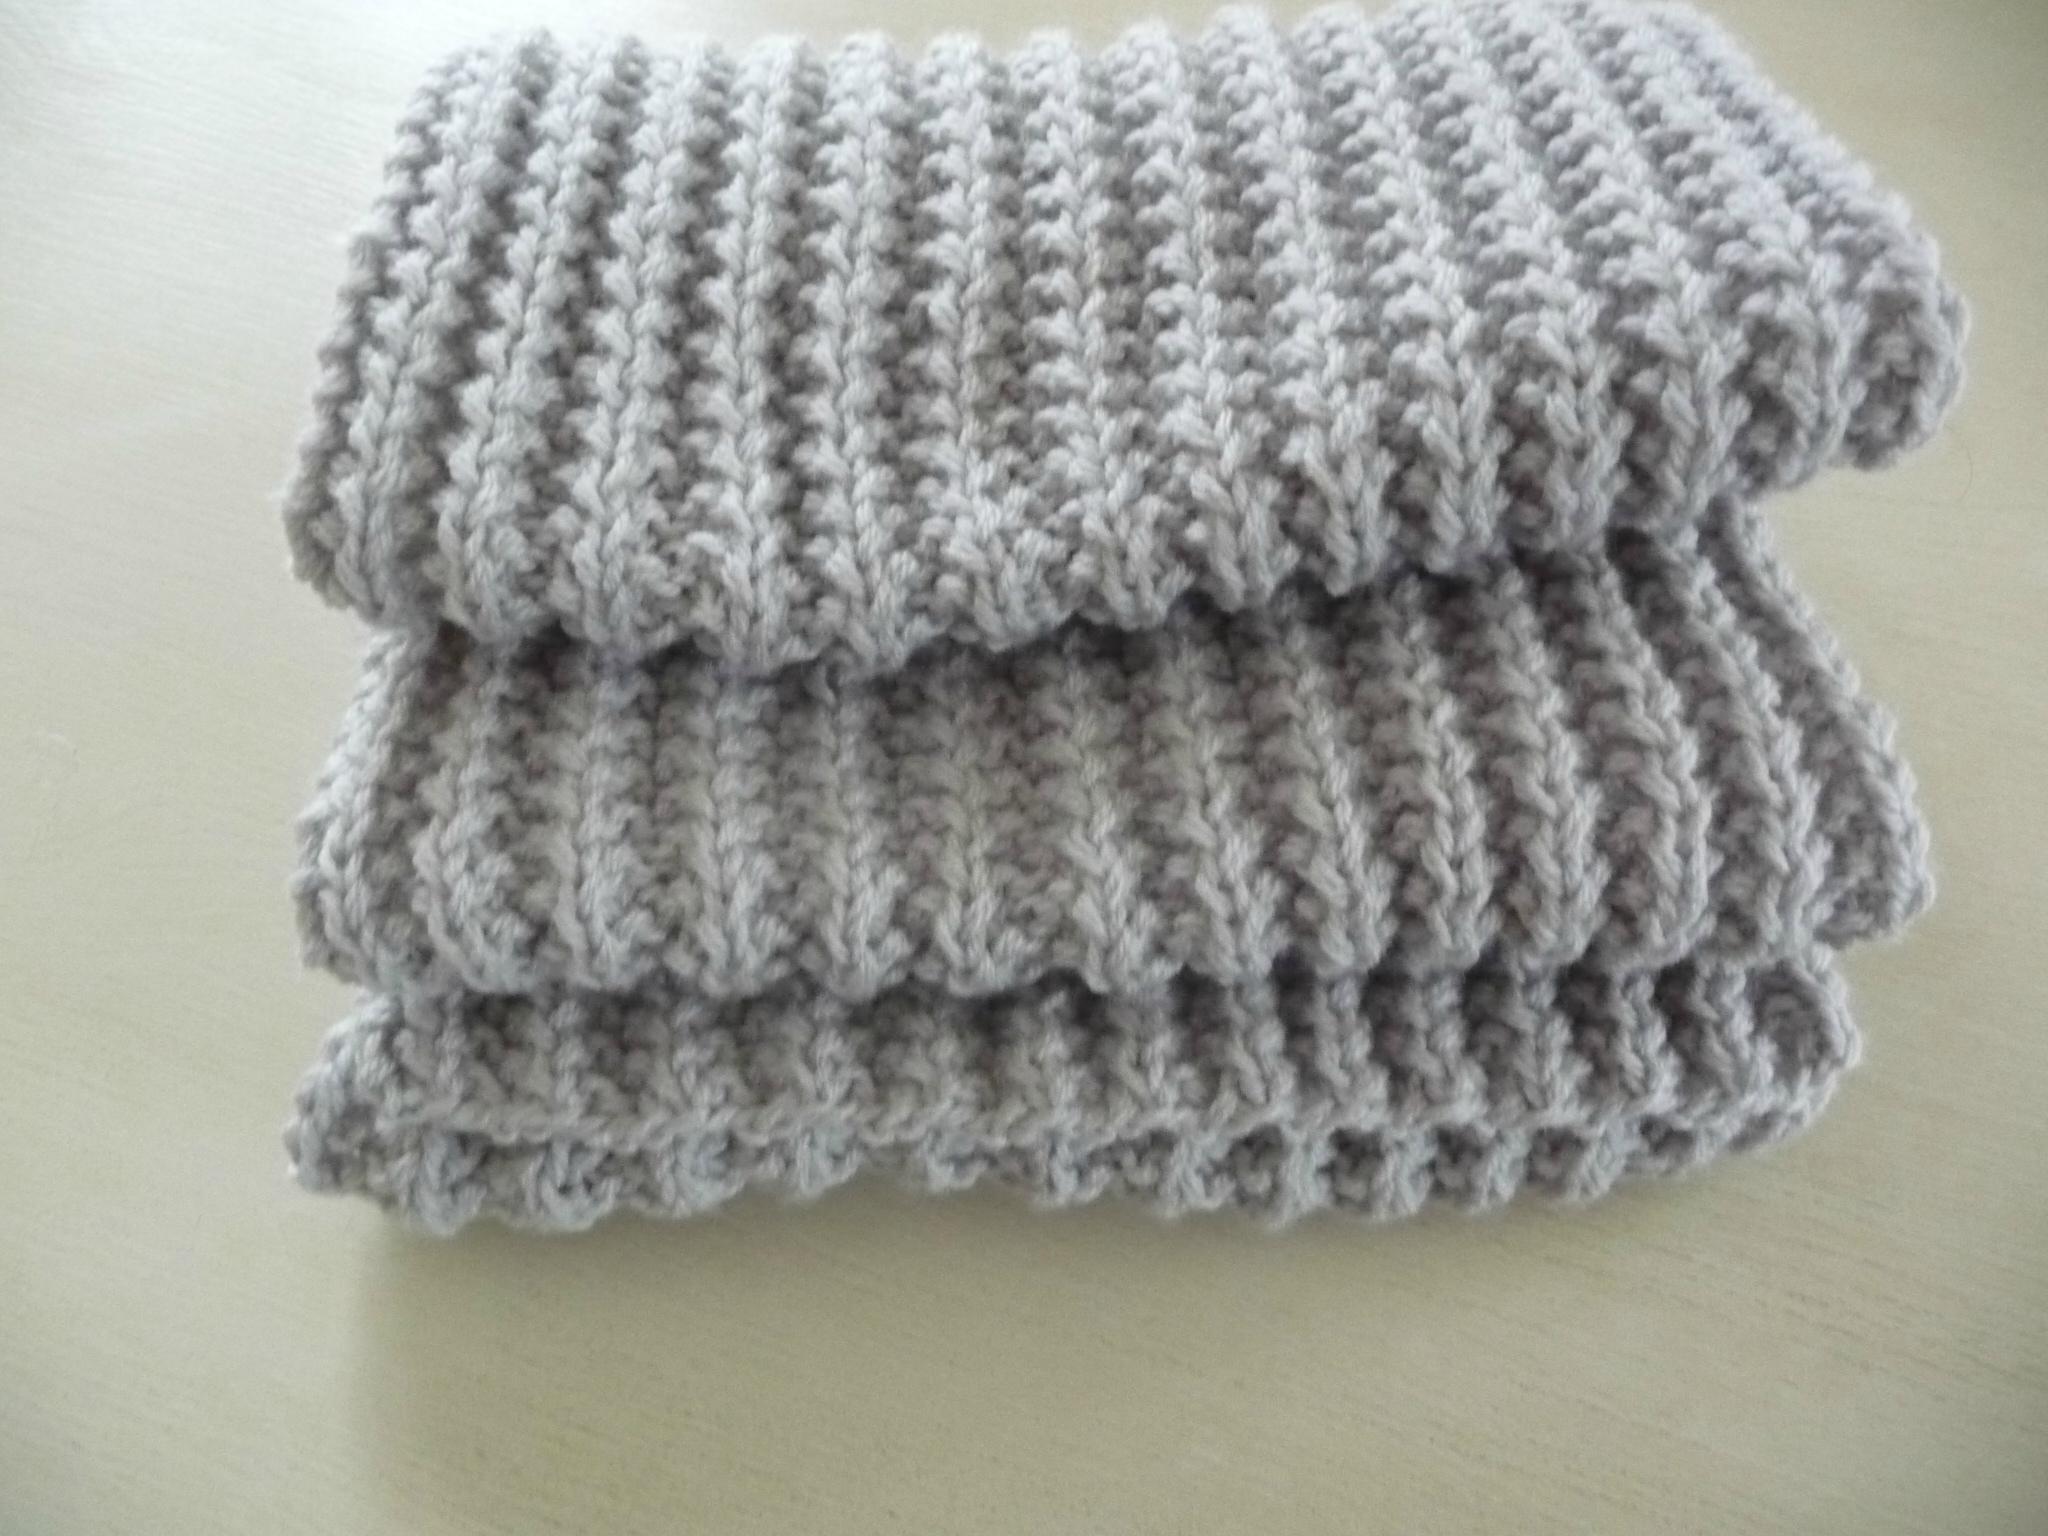 pelote de laine pour faire une echarpe 37cc4dfceba5